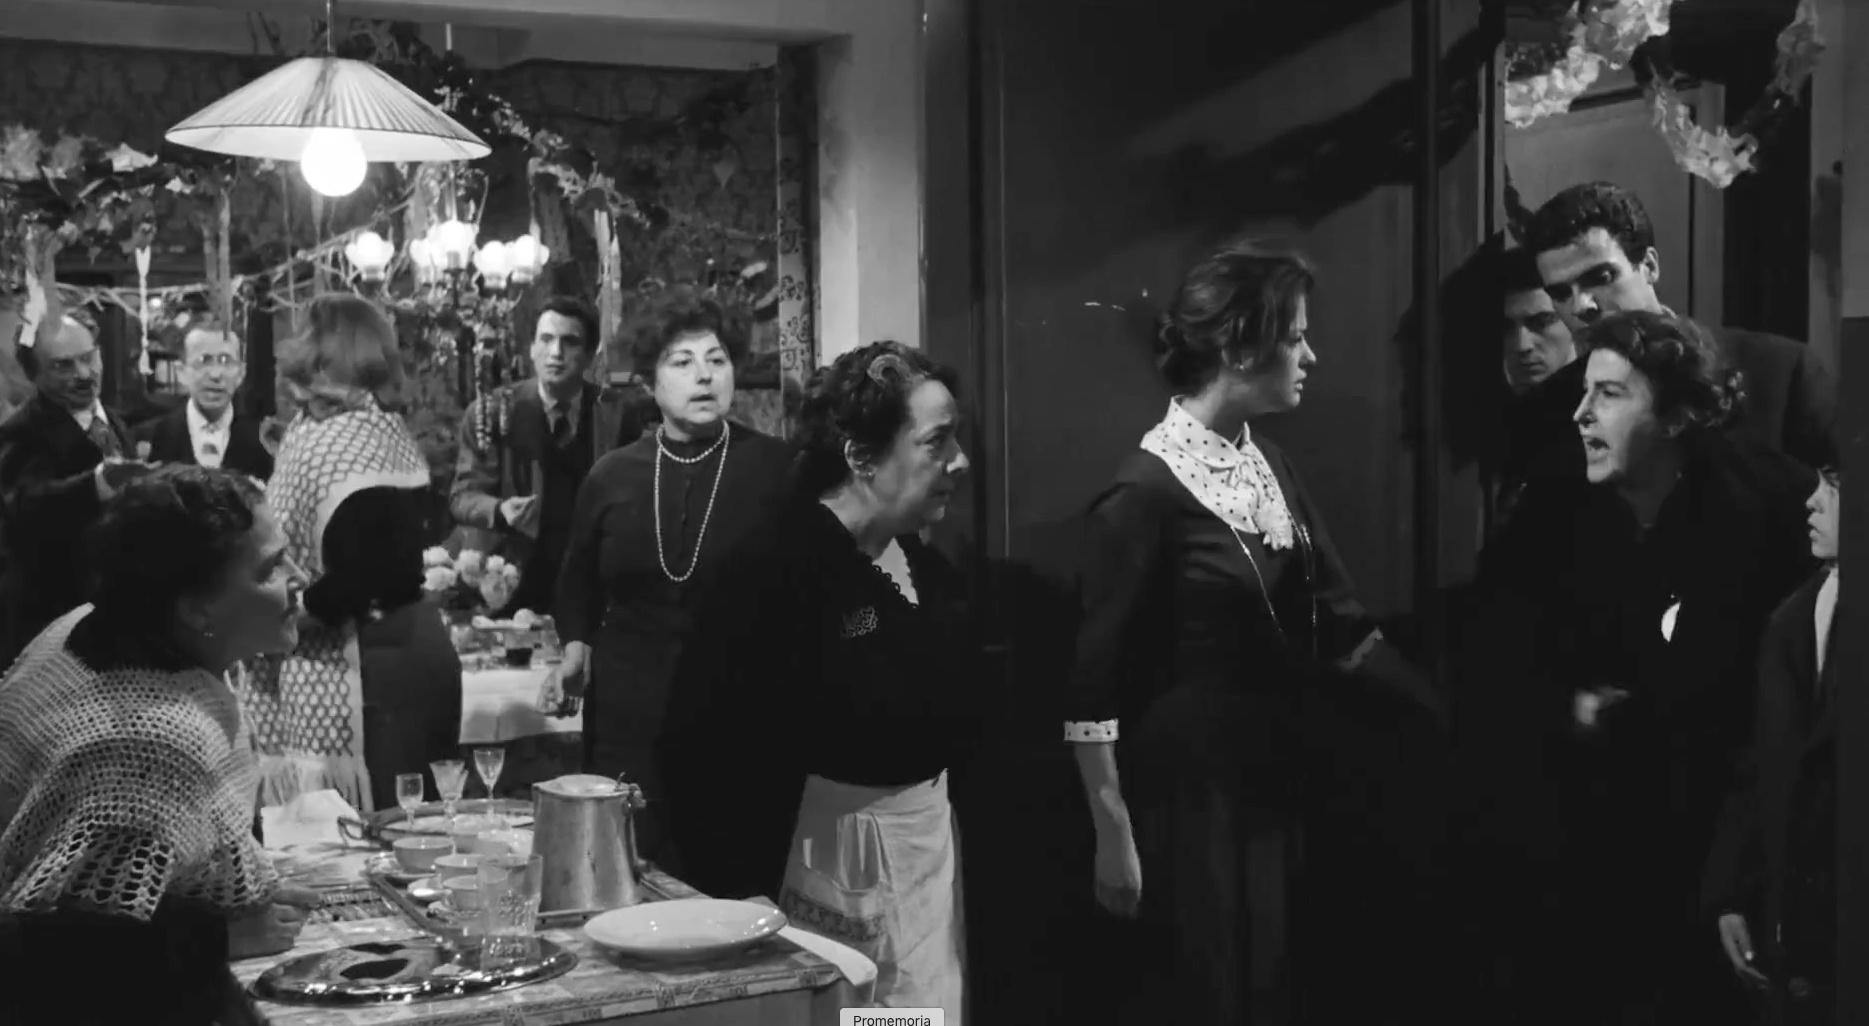 Rocco e i suoi fratelli recensione film Luchino Visconti